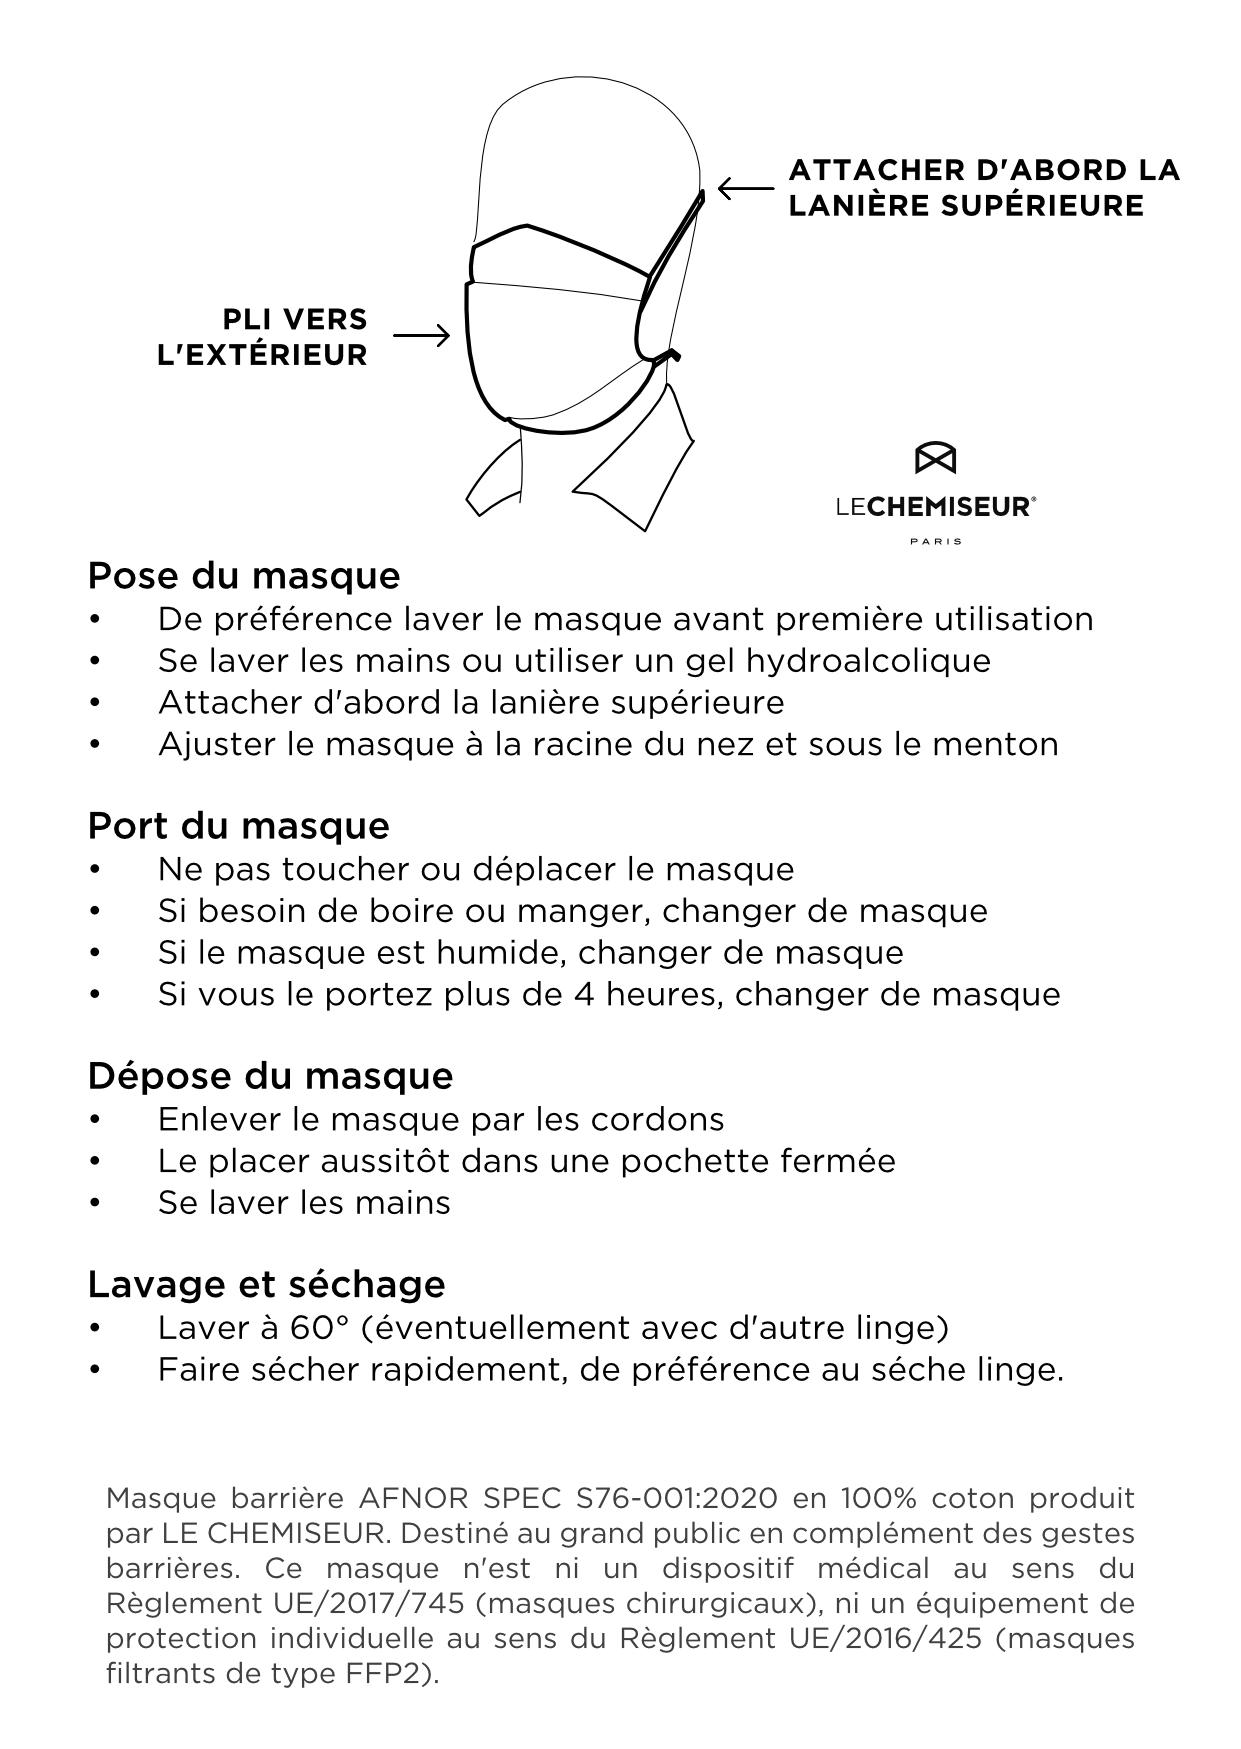 Comment utiliser un masque barrière covid-19